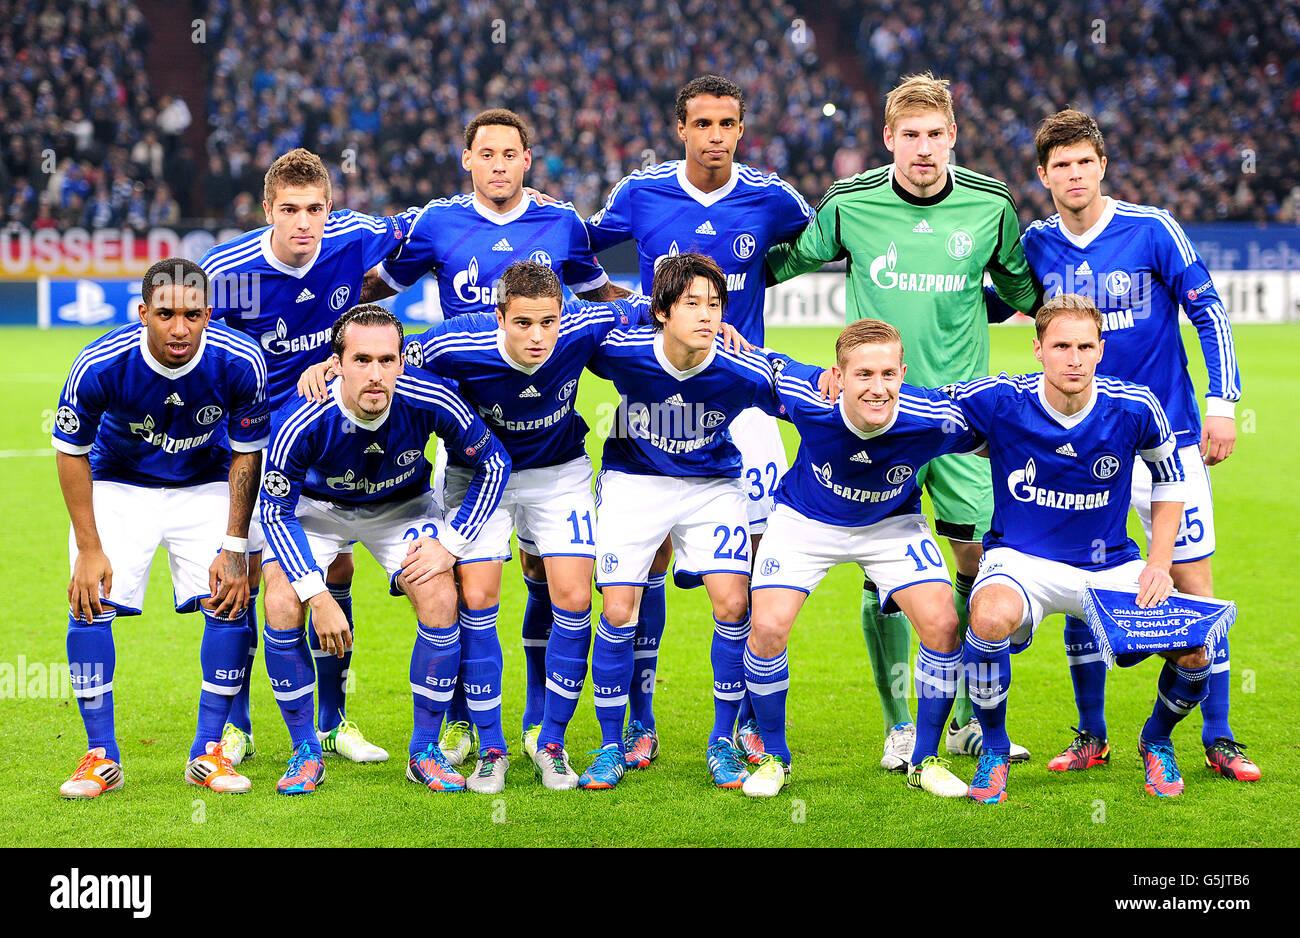 Champions League Aktueller Spieltag